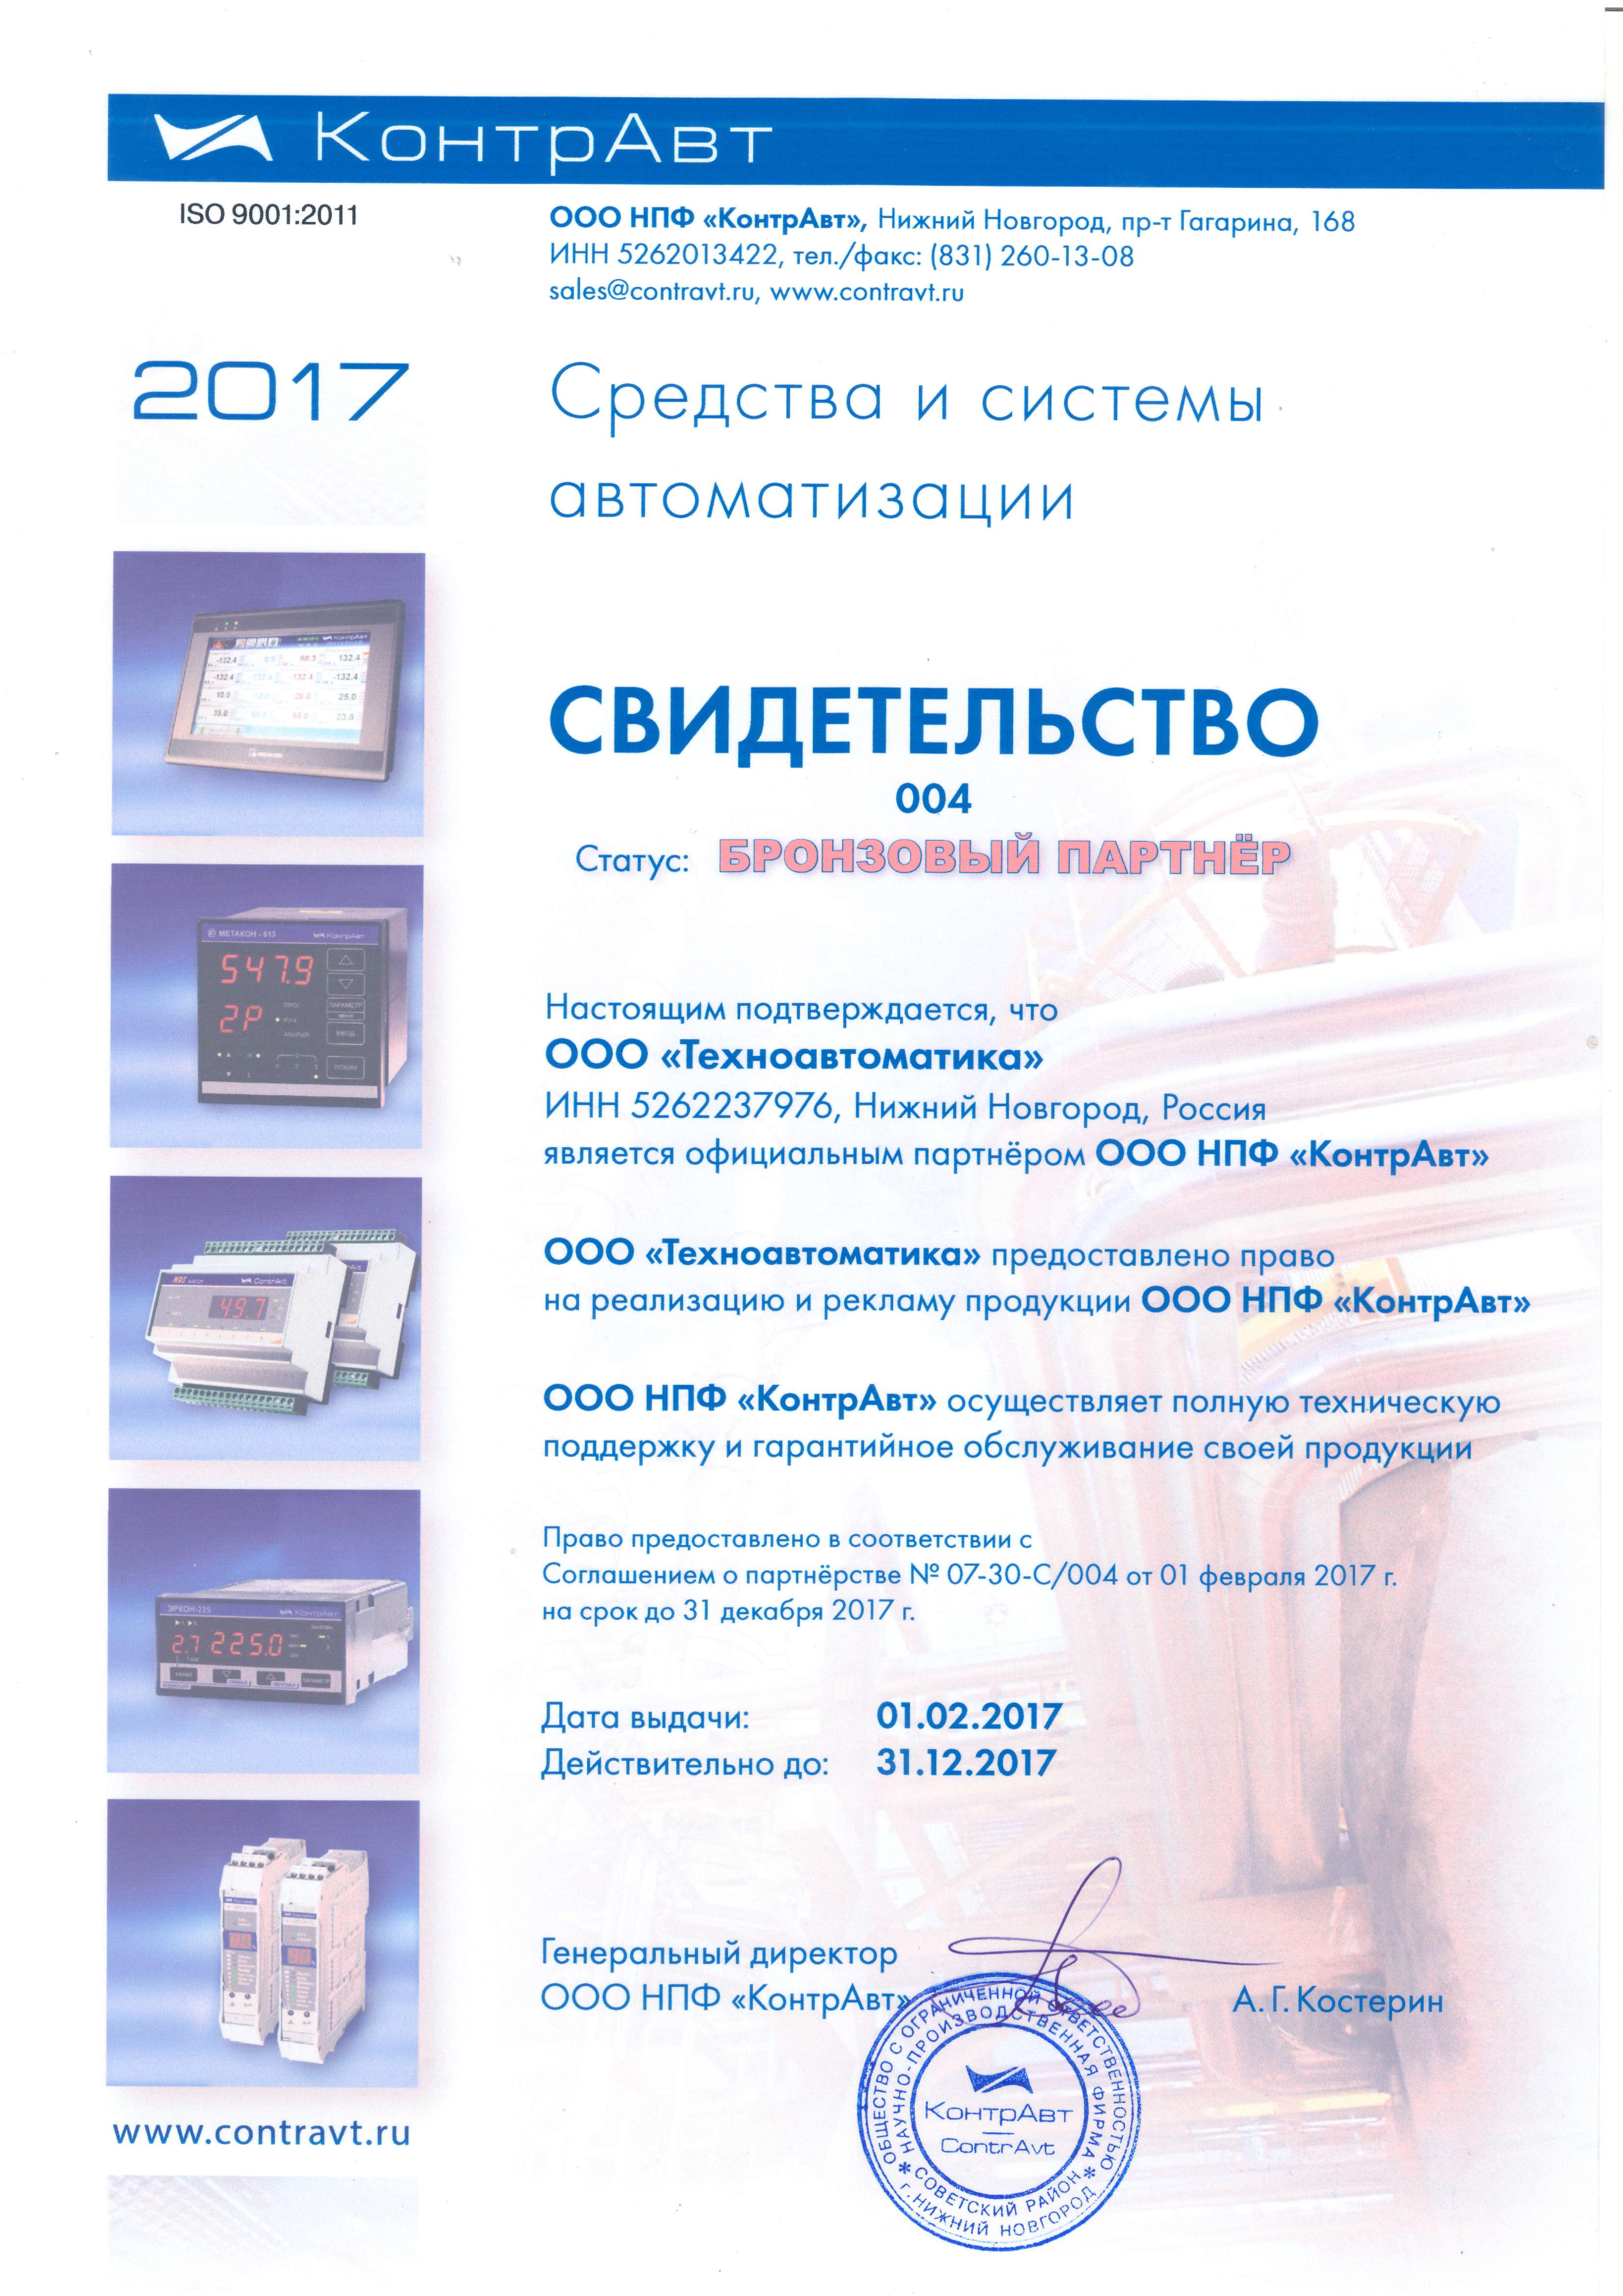 Сертификат дилера КонтрАвт